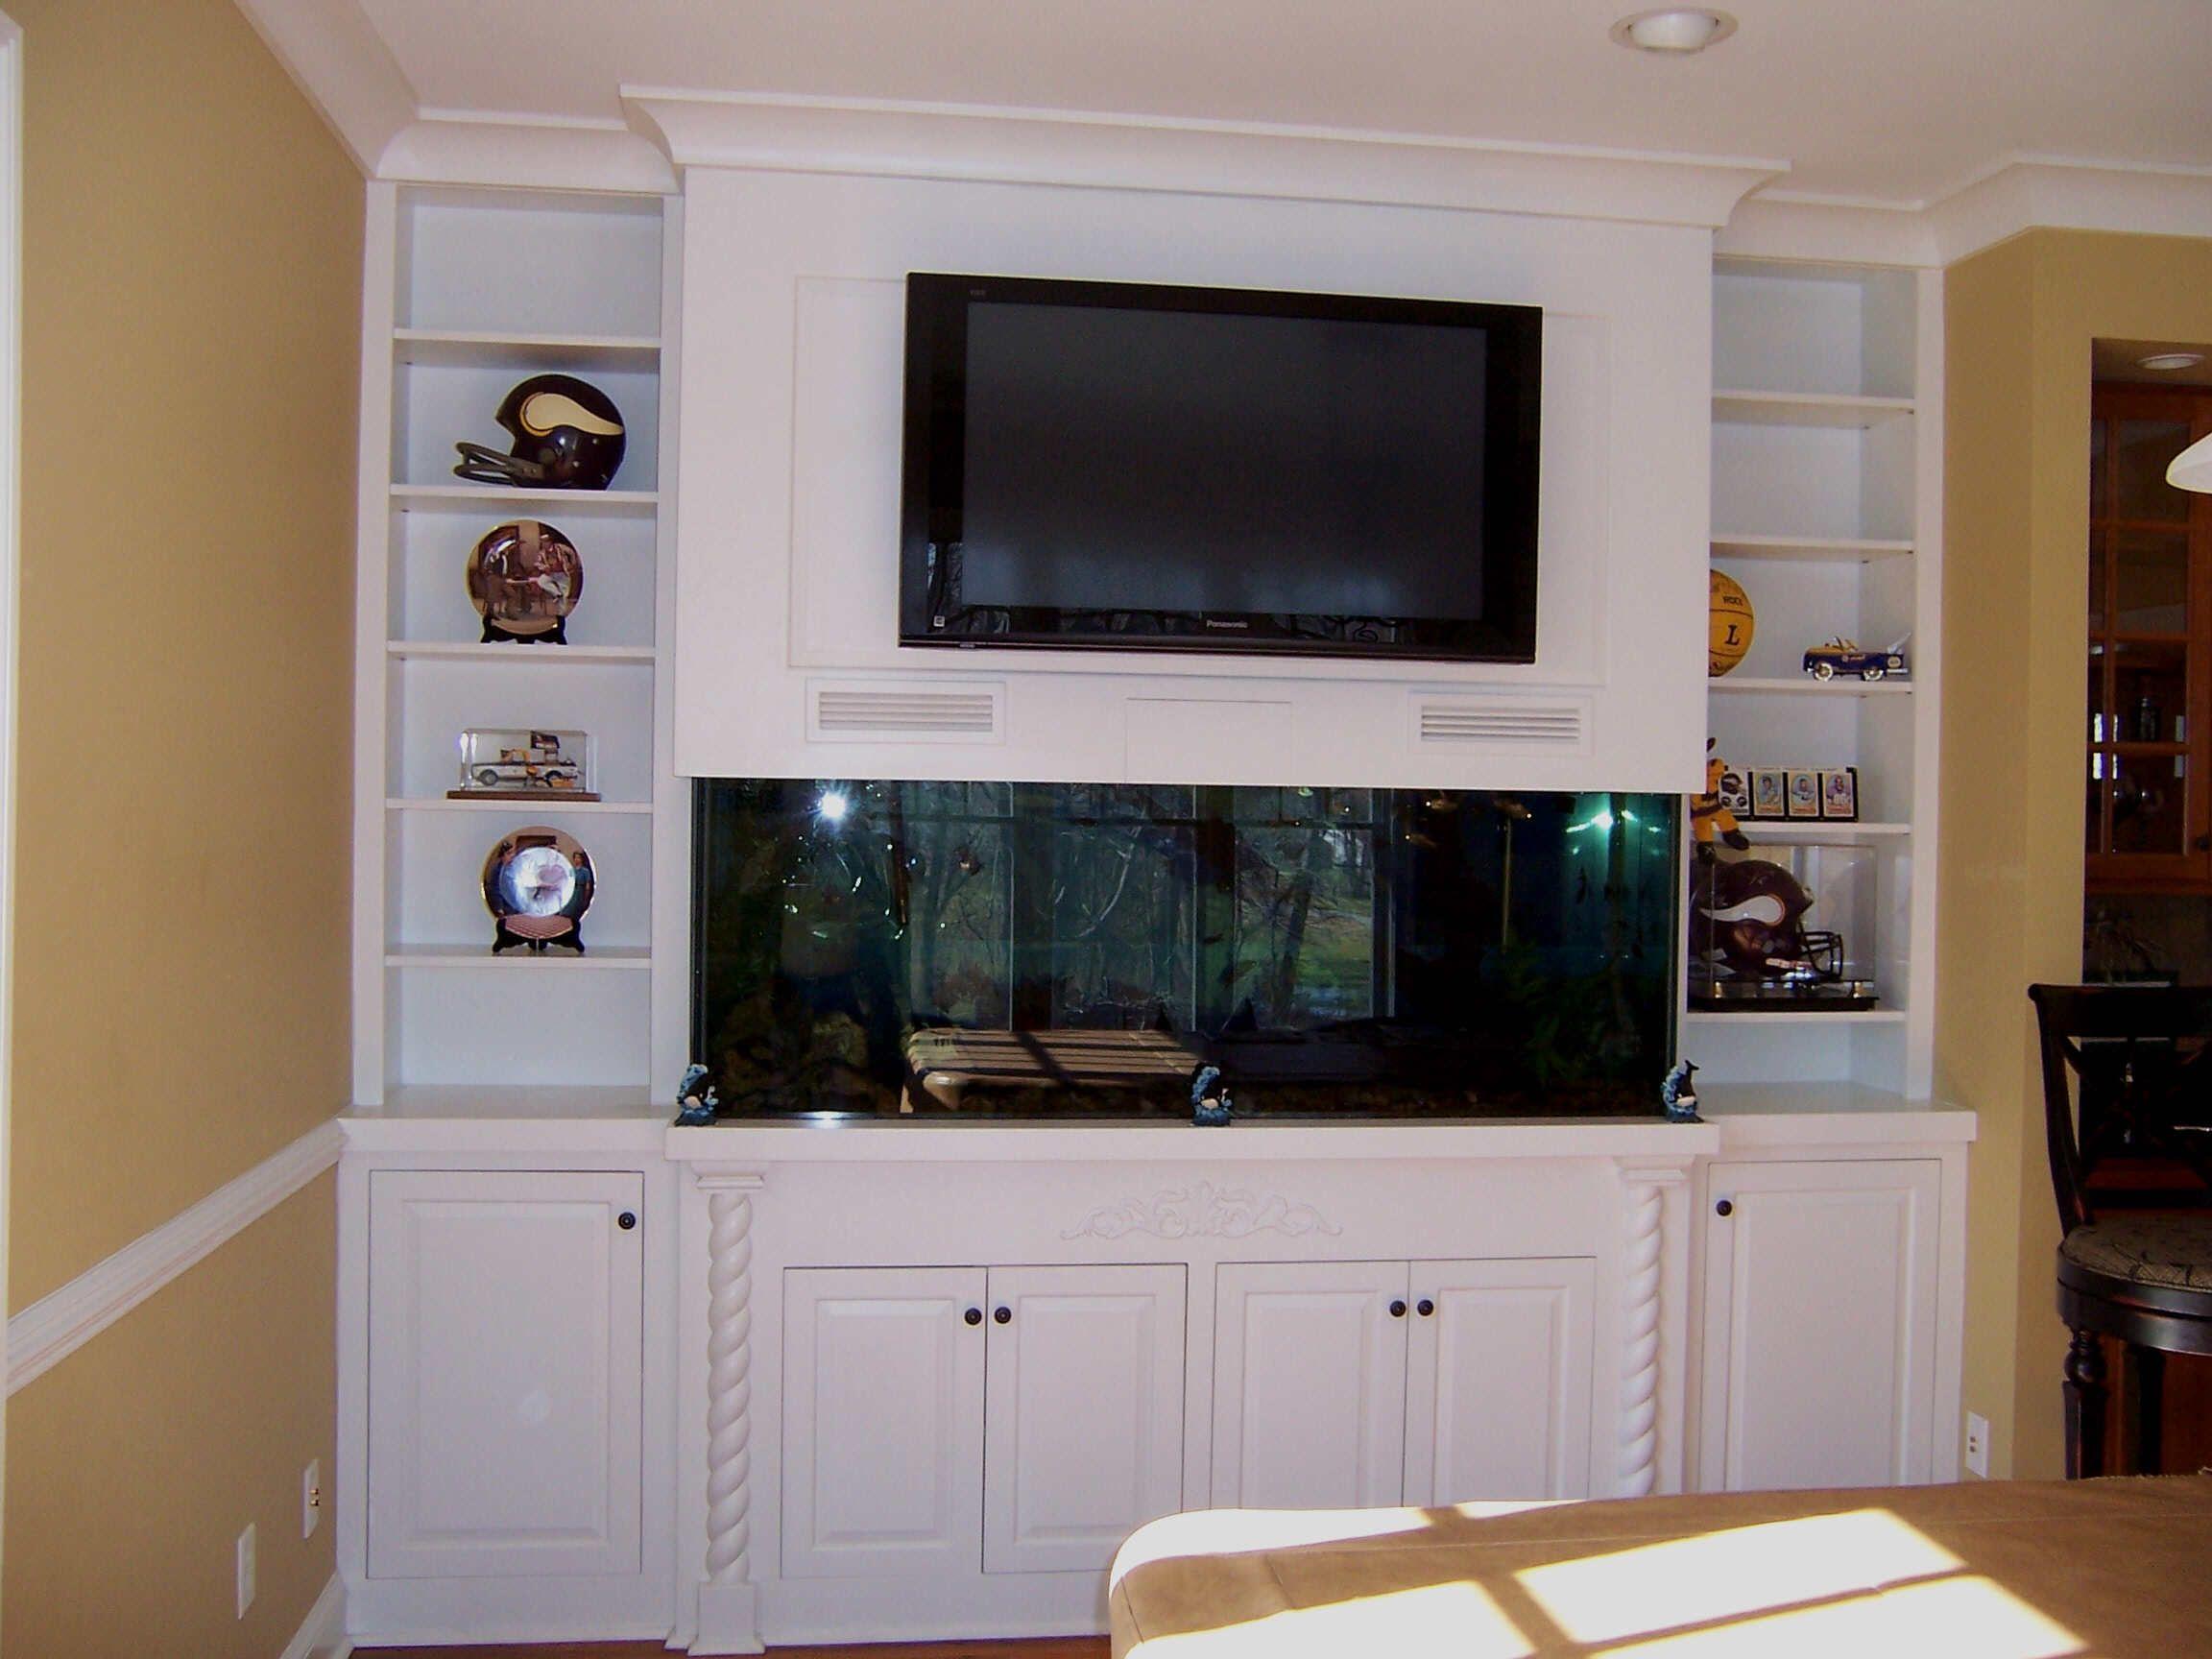 Custom Aquarium Tv Stand Looks Good But Makes The Aquarium Look